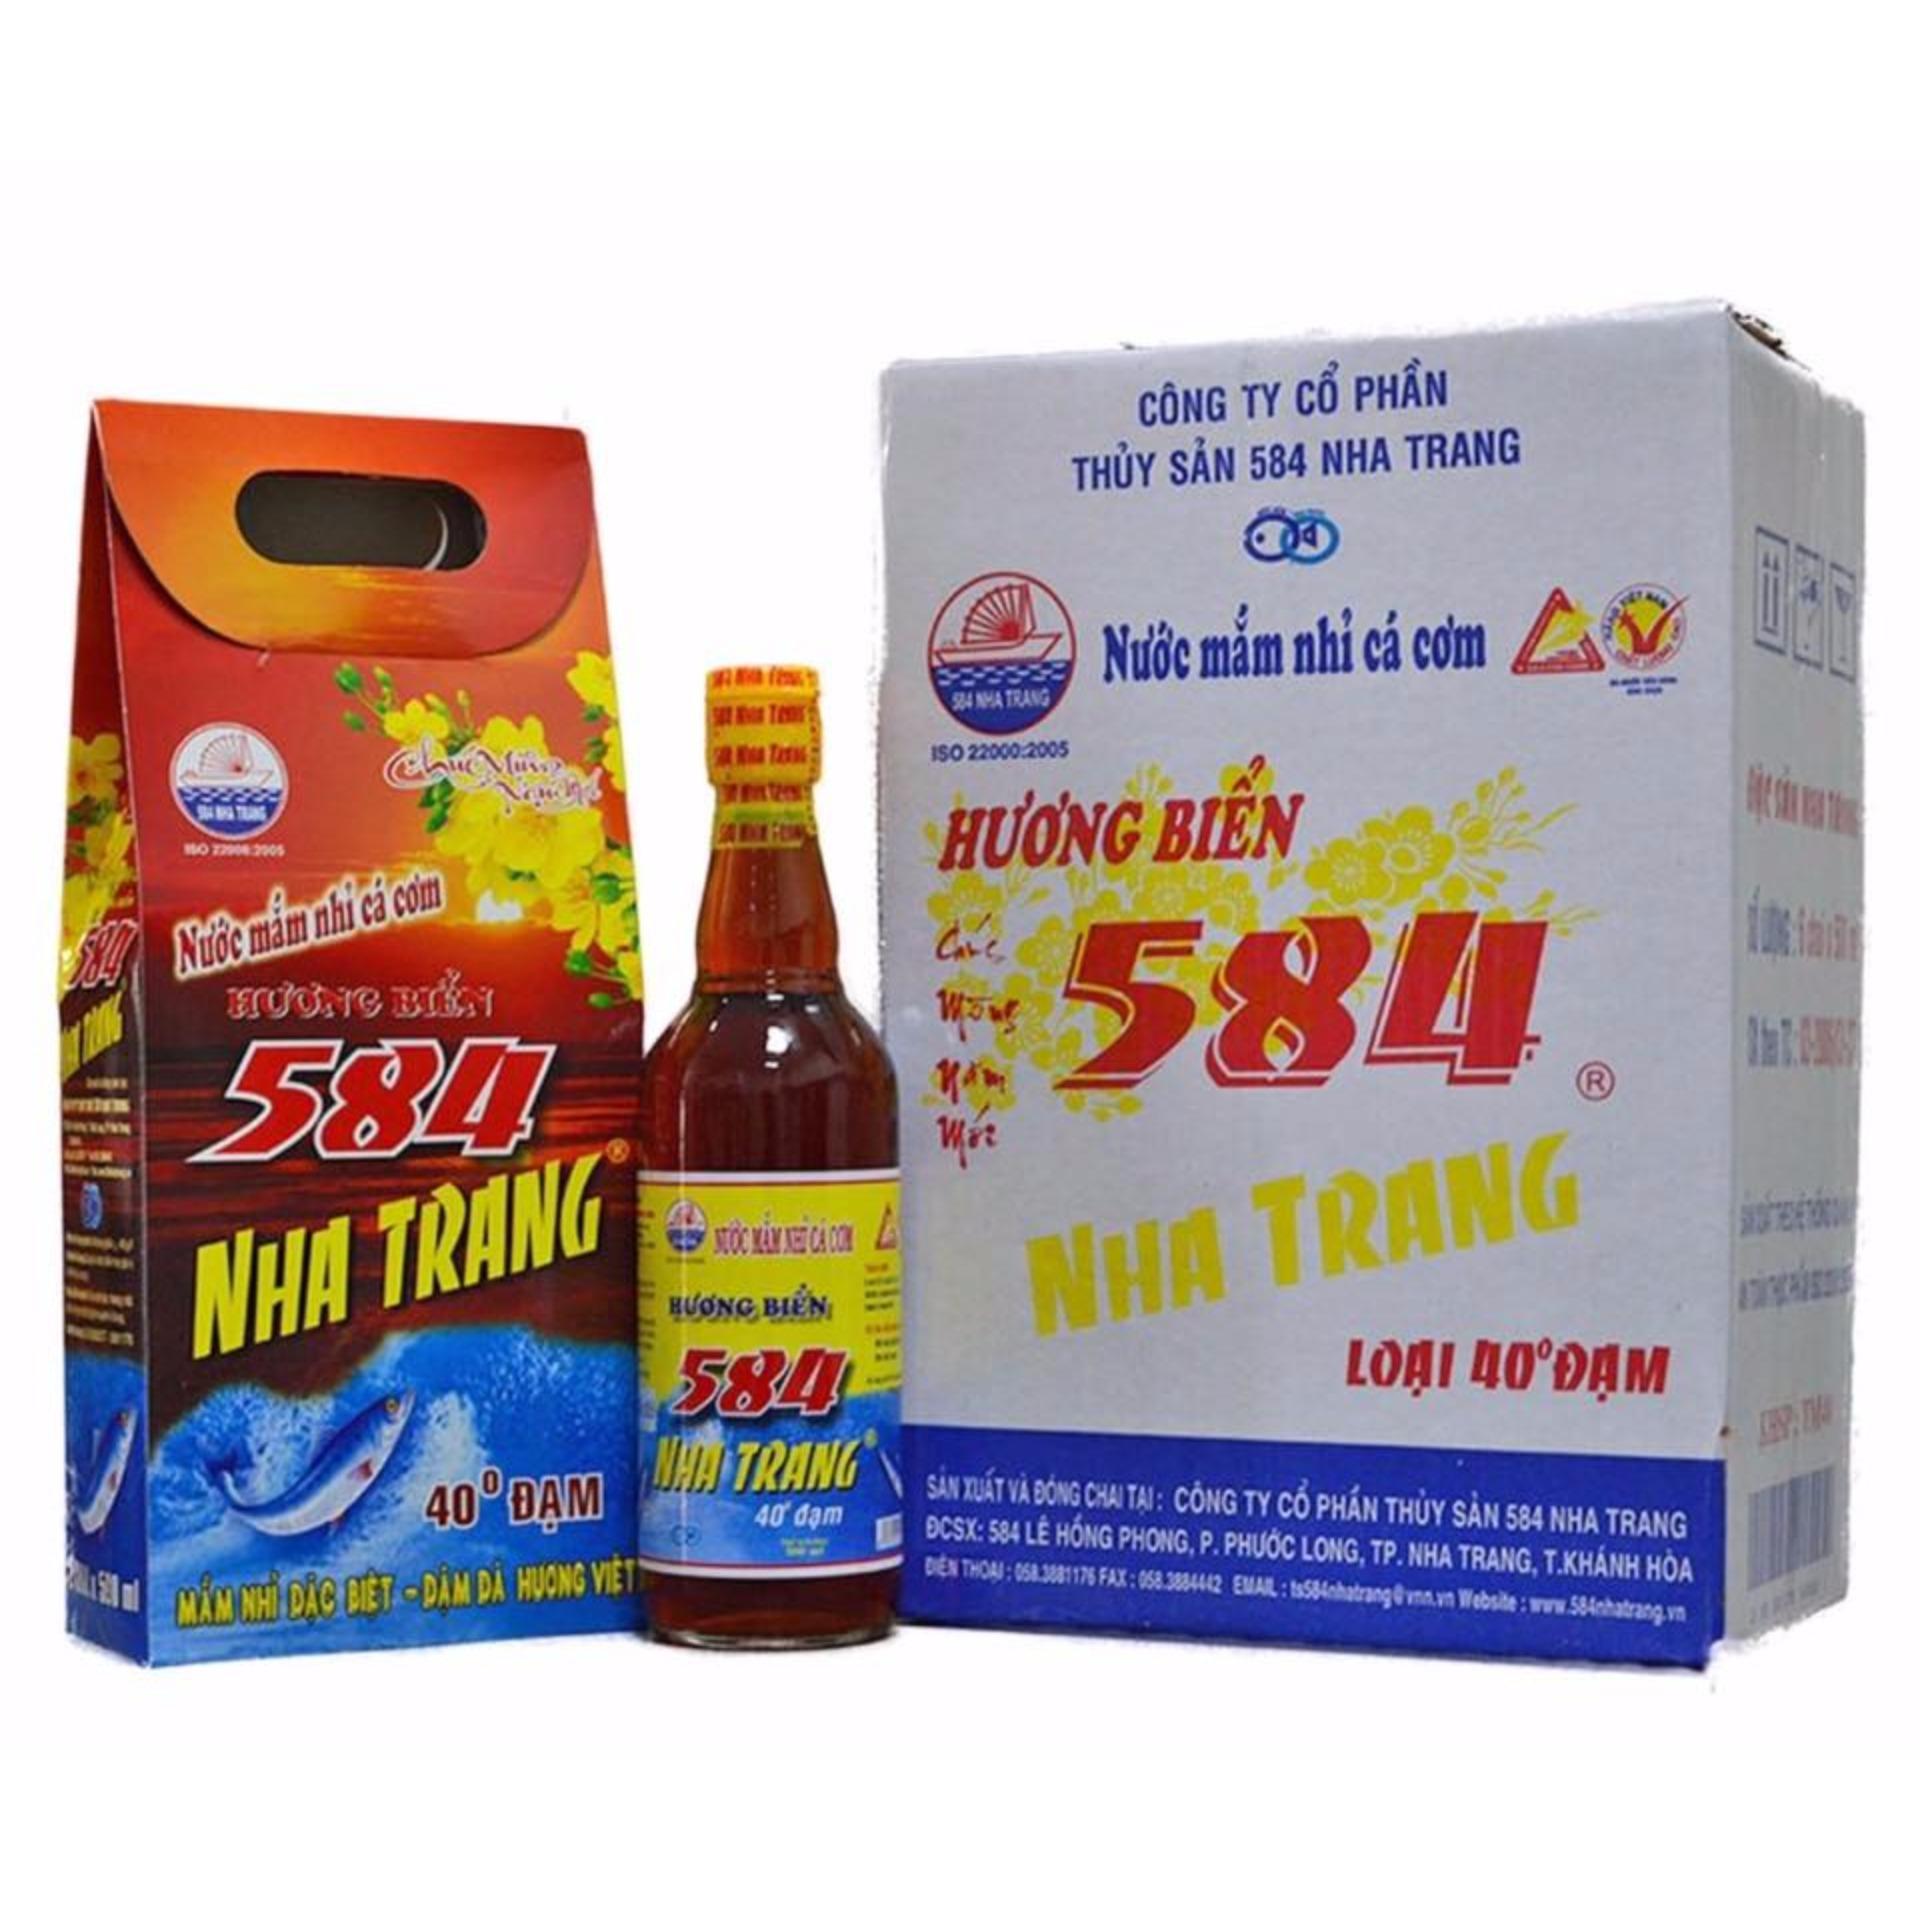 Nước Mắm 584 Nha Trang Chai Thủy Tinh 40 Đạm_TM40 (500ml x 6 chai)